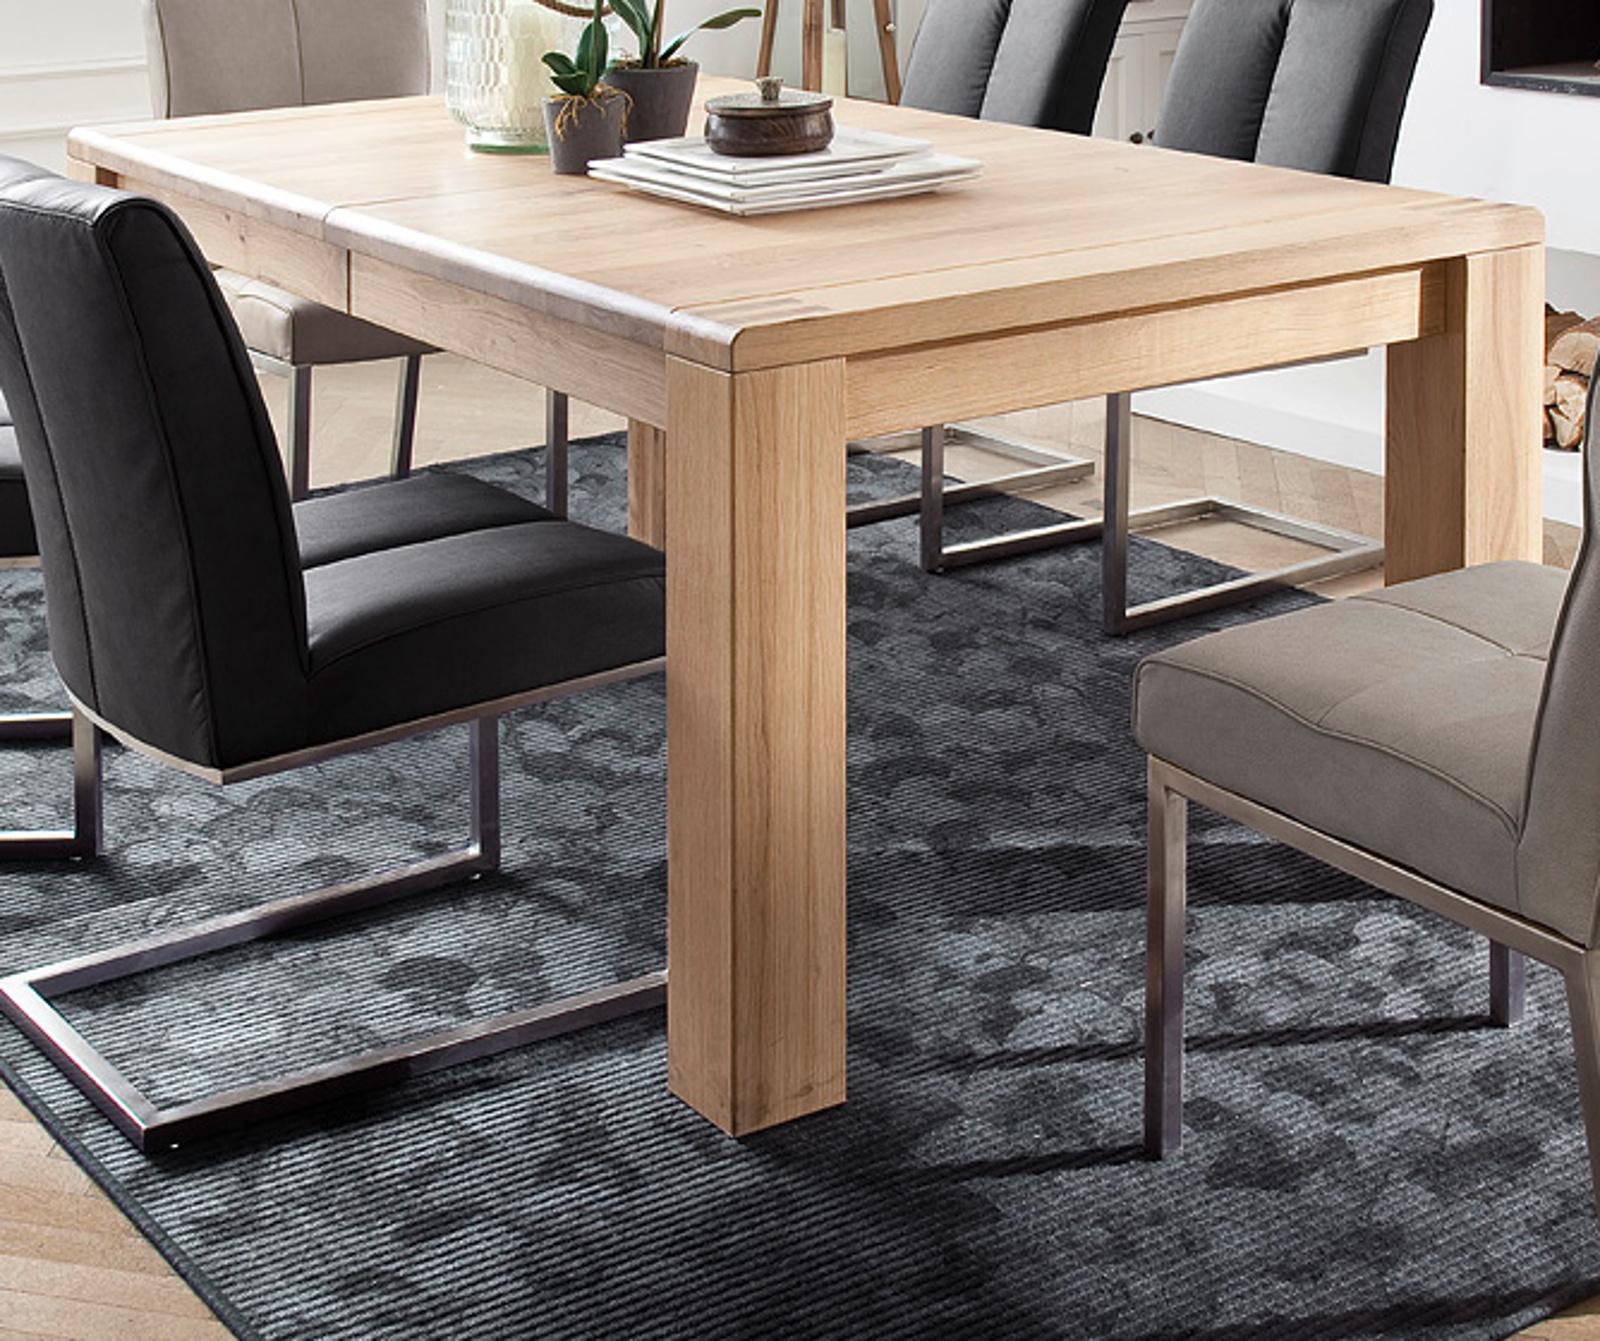 Esstisch Anton in Eiche Bianco massiv geölt Tisch 180 230 280 x 100 cm ausziehbar